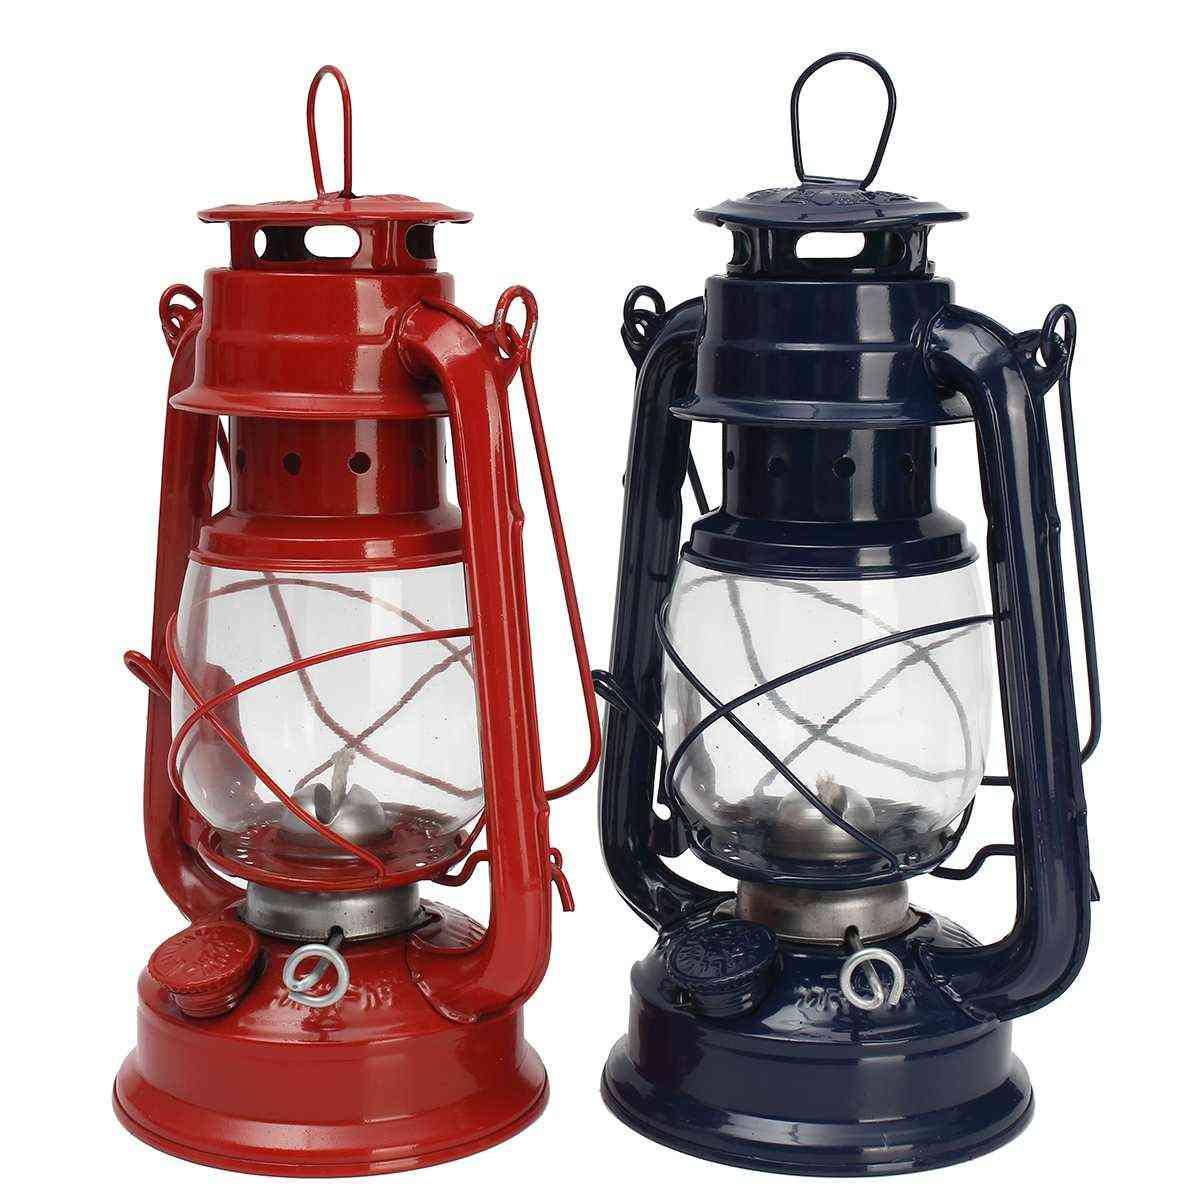 Vintage Kerosene Oil Lantern For Outdoor Camping/decor